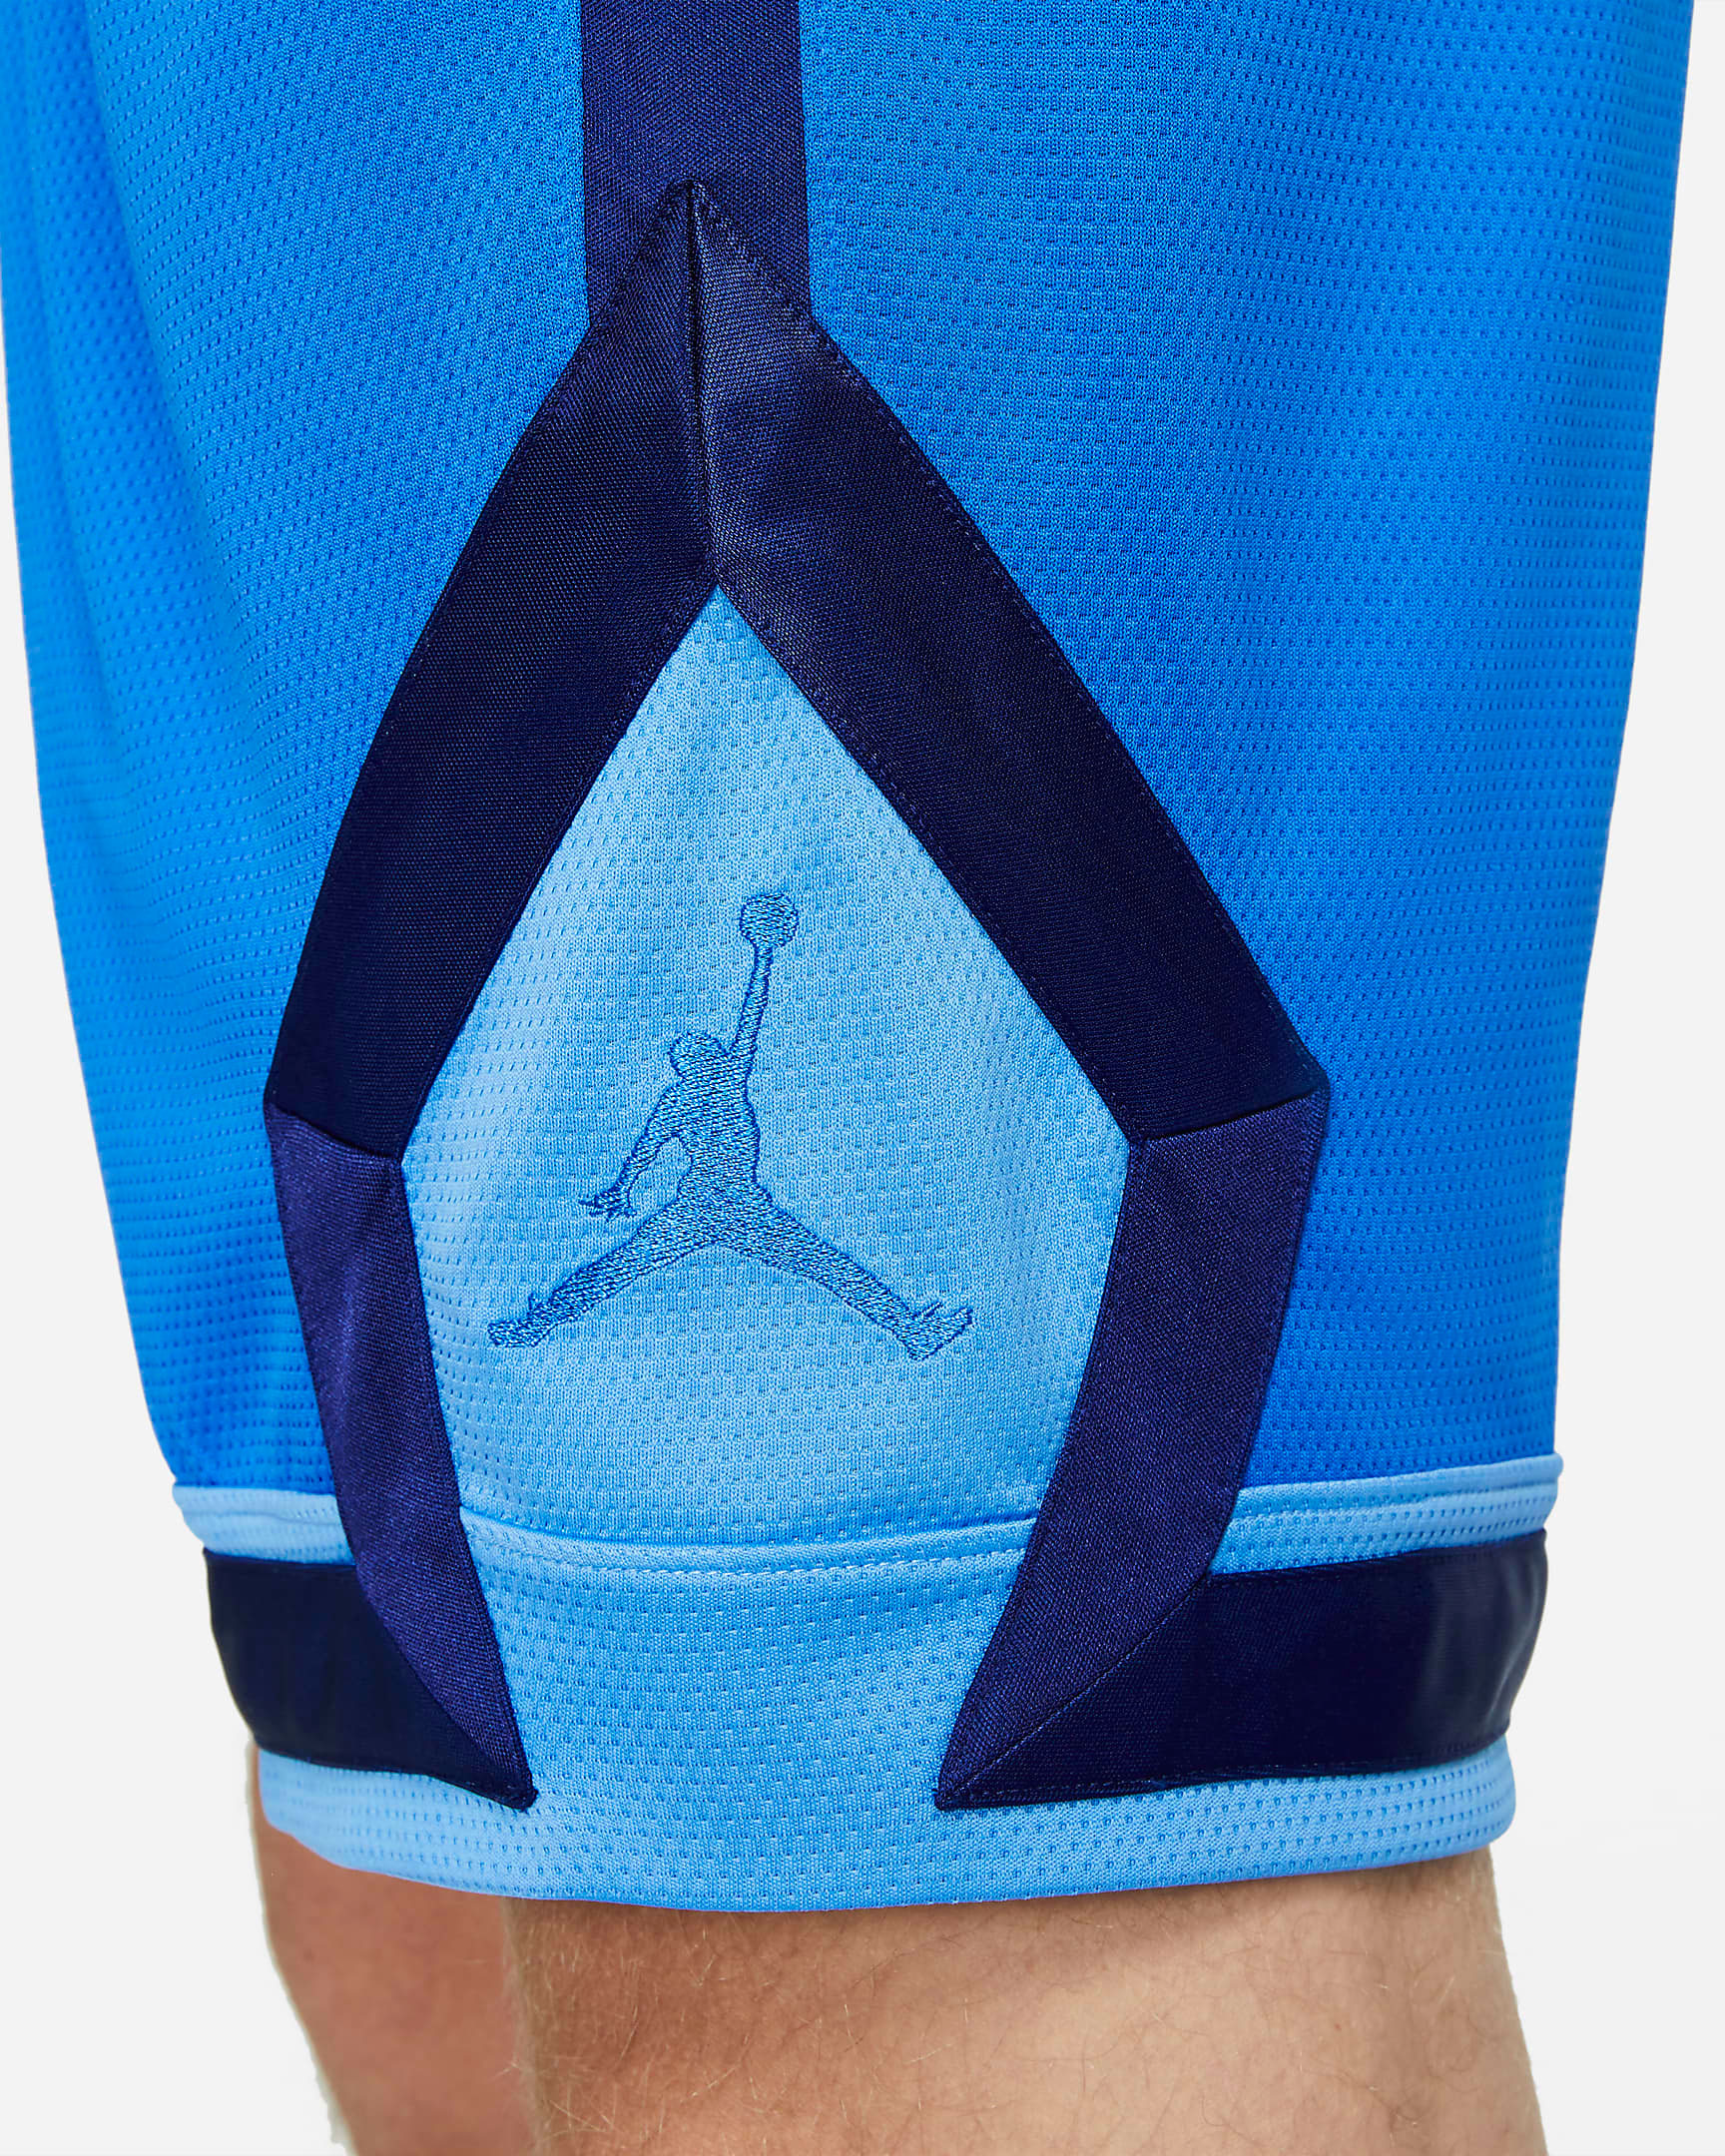 jordan-signal-blue-jumpman-diamond-shorts-2